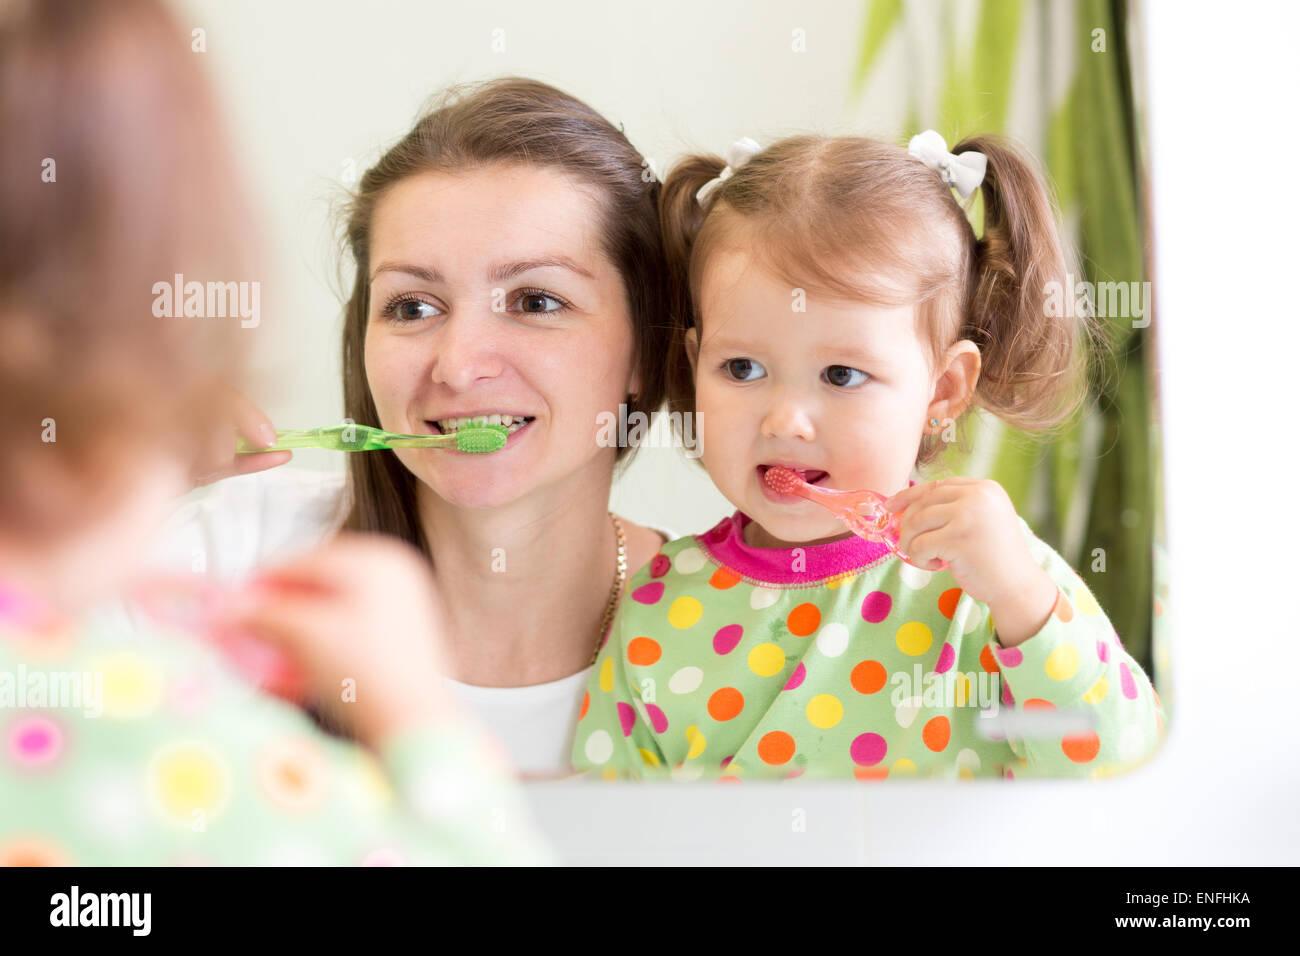 Mutter lehrt Tochter Kind Zähne putzen im Badezimmer Stockbild